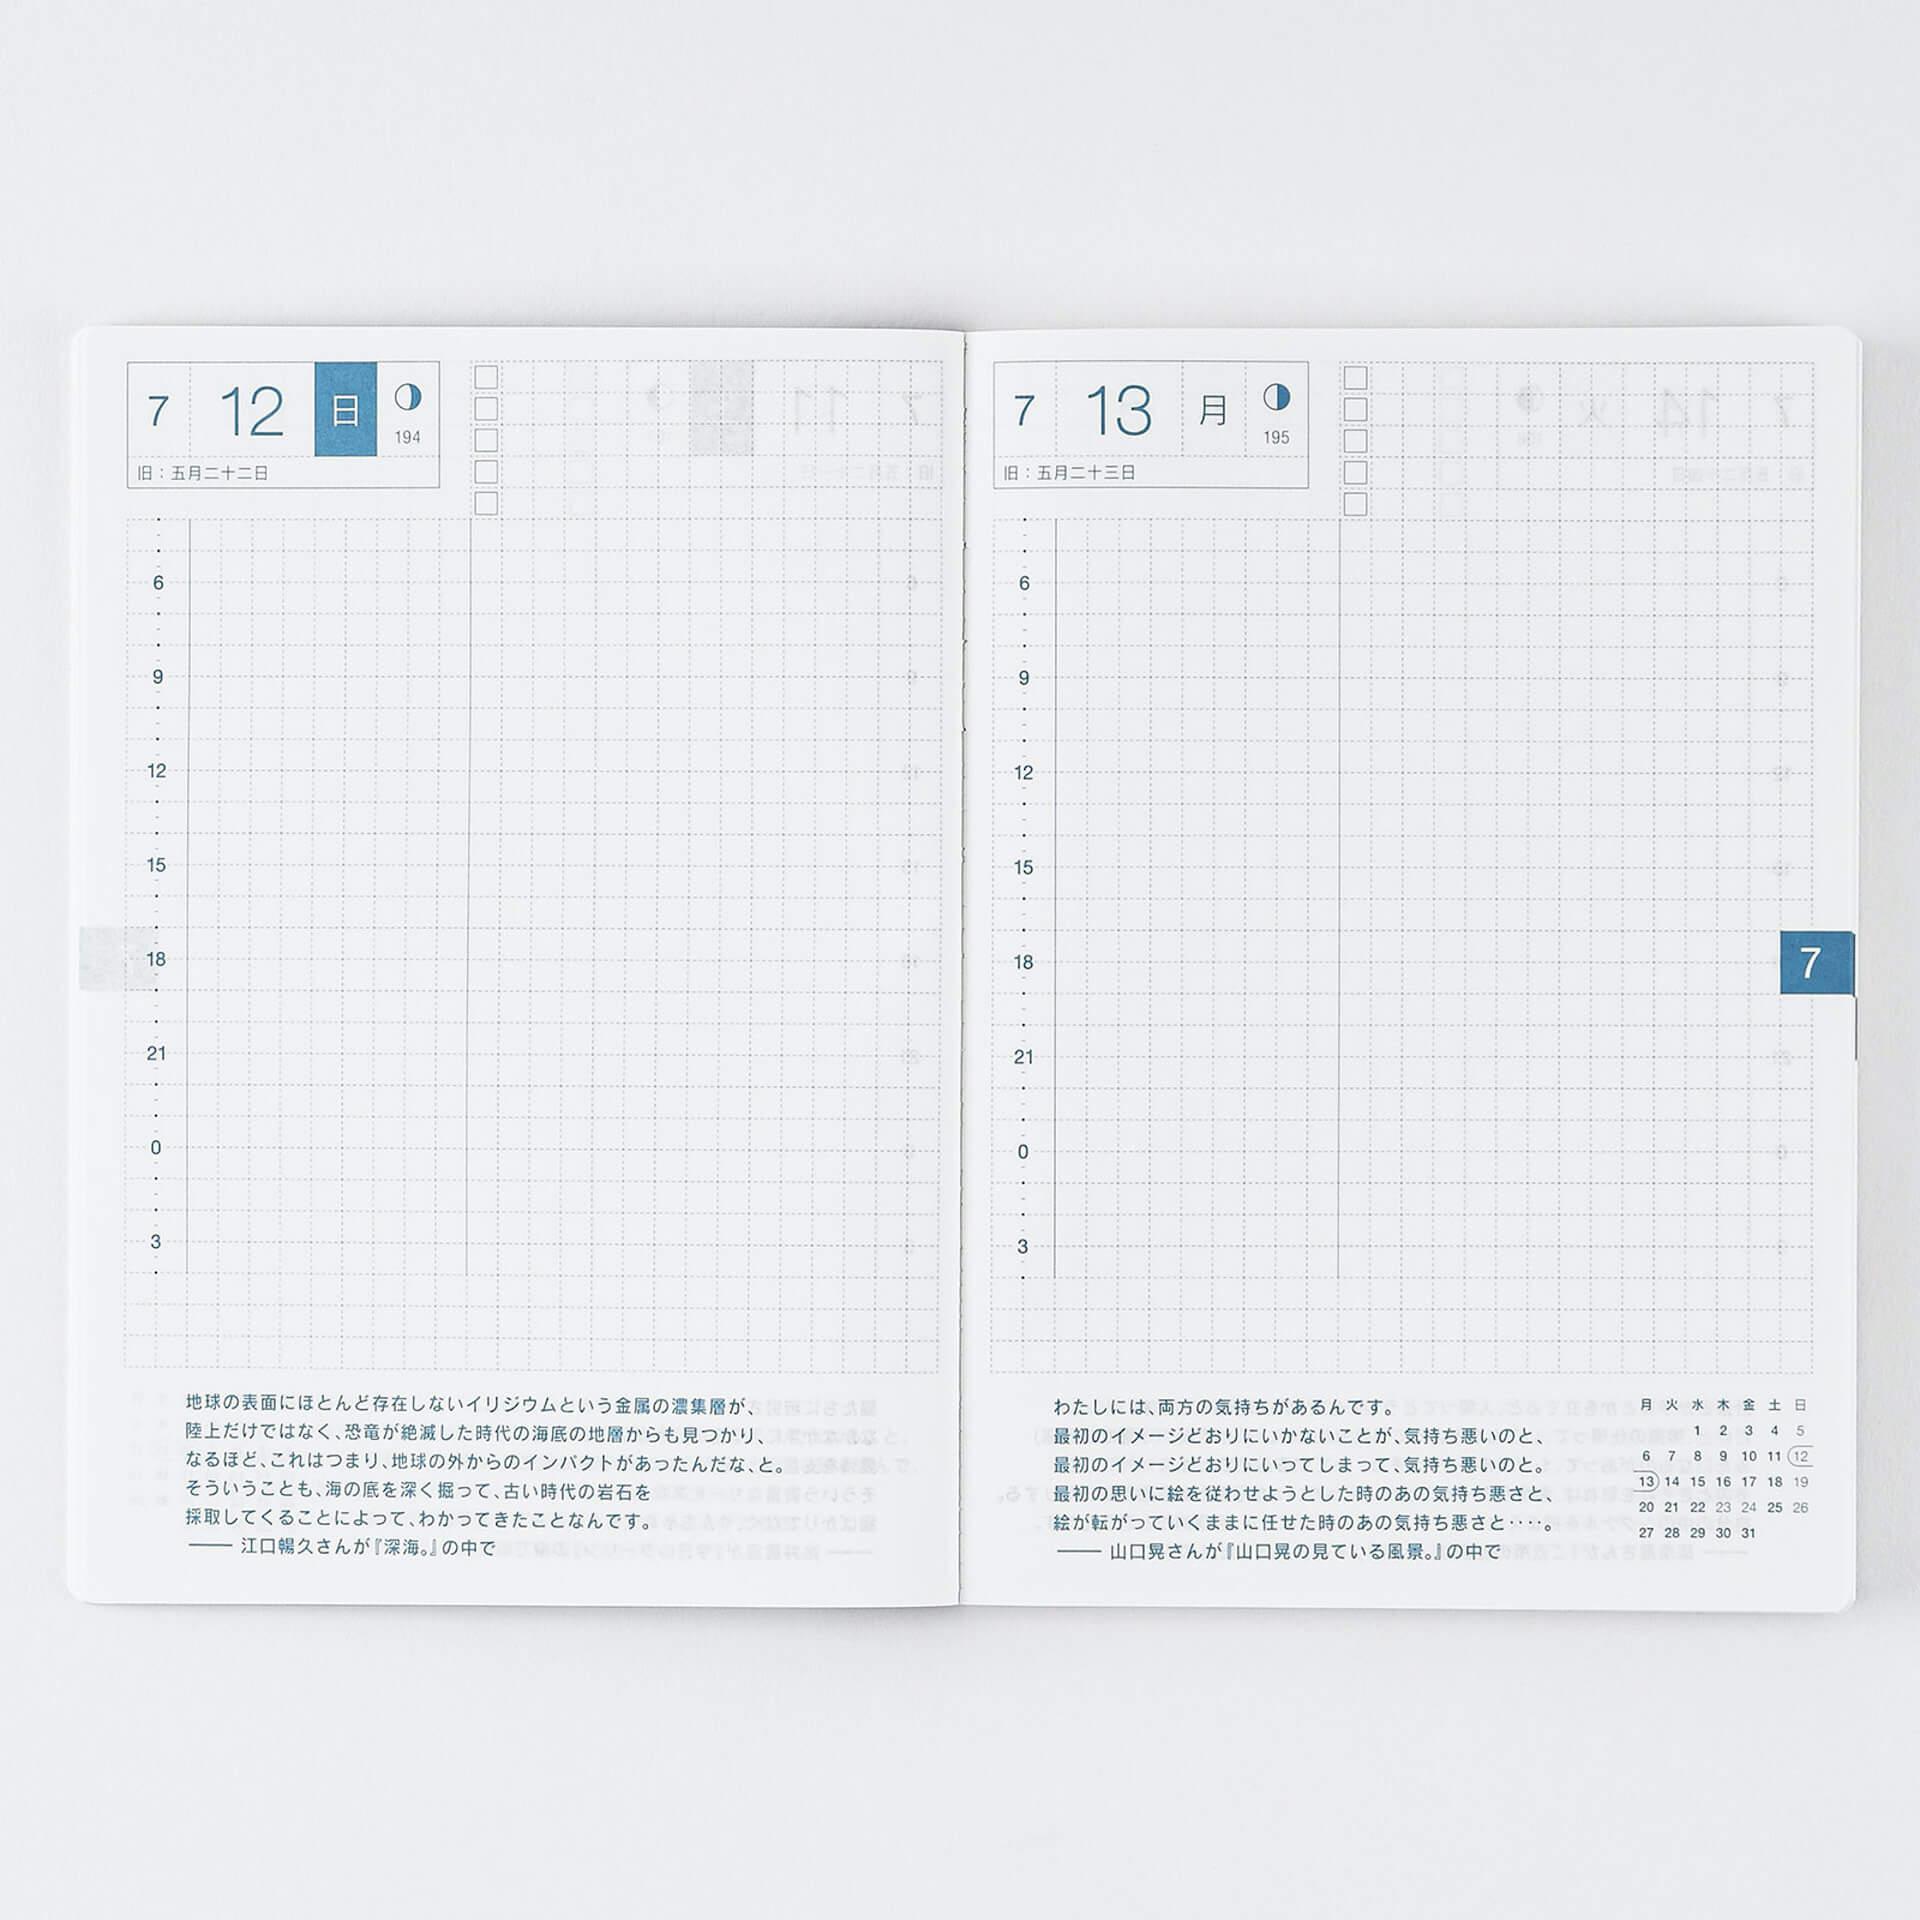 7月始まり・スリムサイズのほぼ日手帳『avec 後期』が販売開始!ほぼ日ストアで送料無料キャンペーンも実施中 ac200601_hobonichi_avec_04